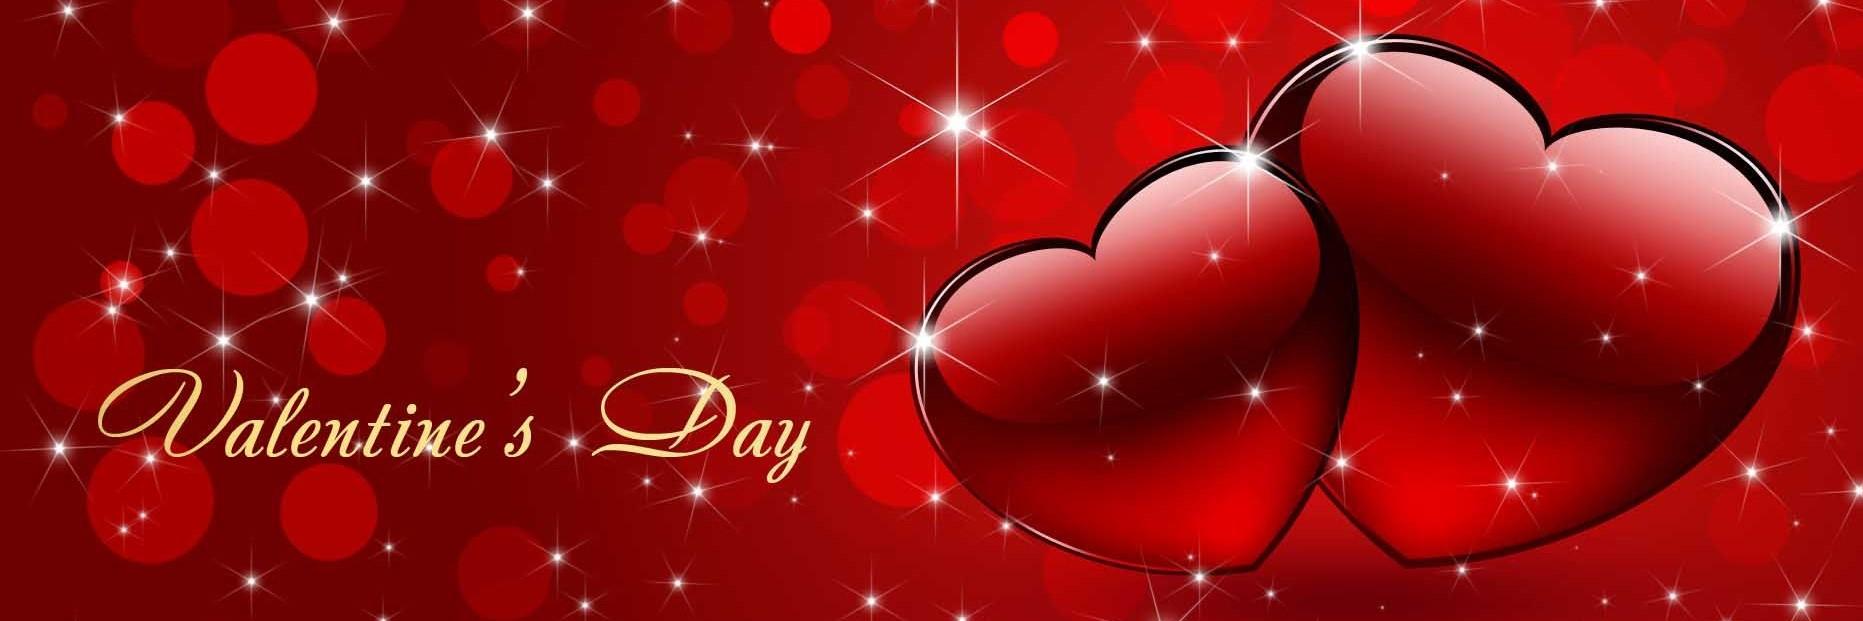 La Saint Valentin, romantisme et gourmandise